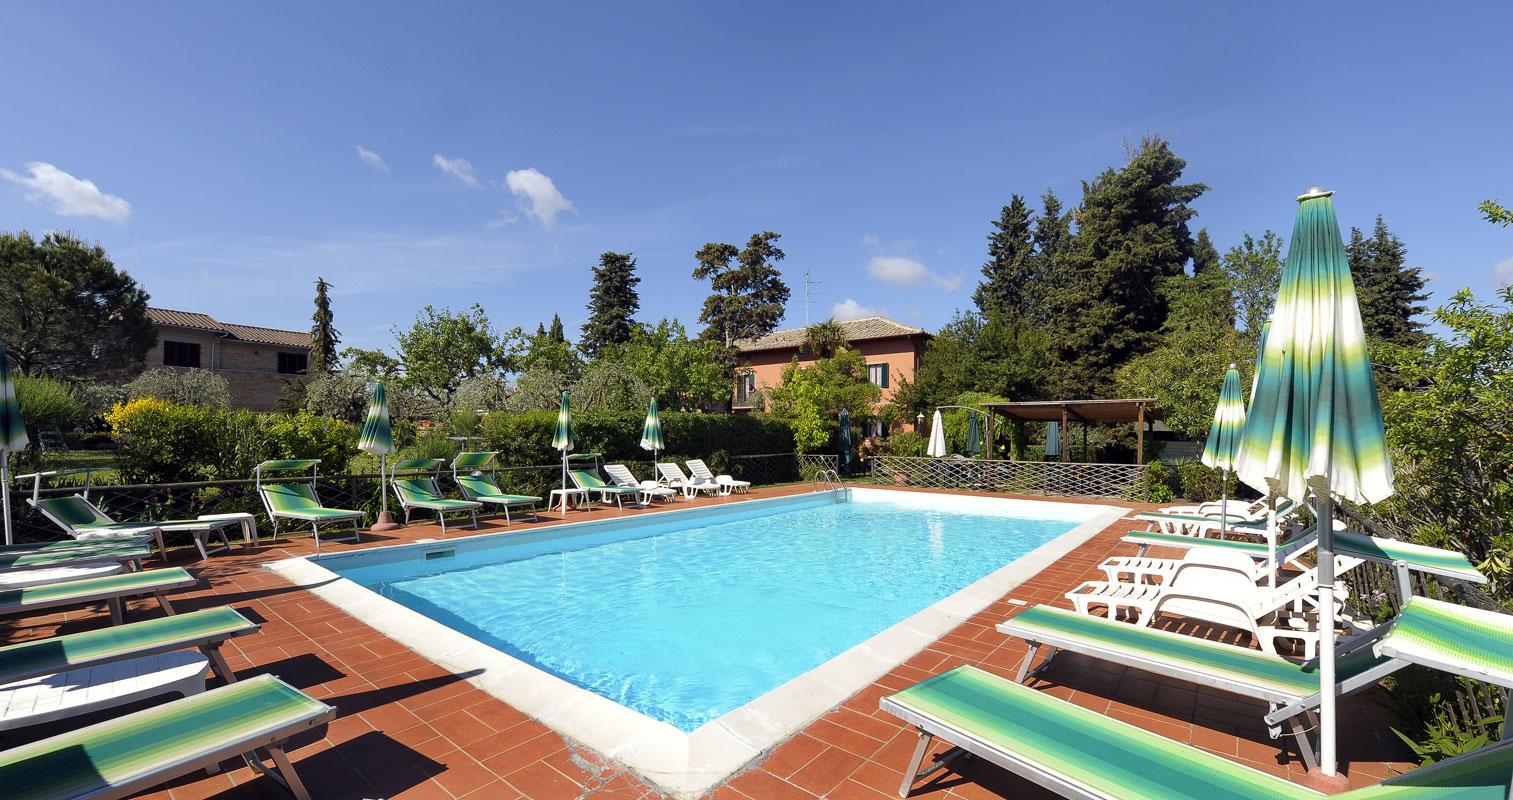 Hotel Villa Belvedere Siena